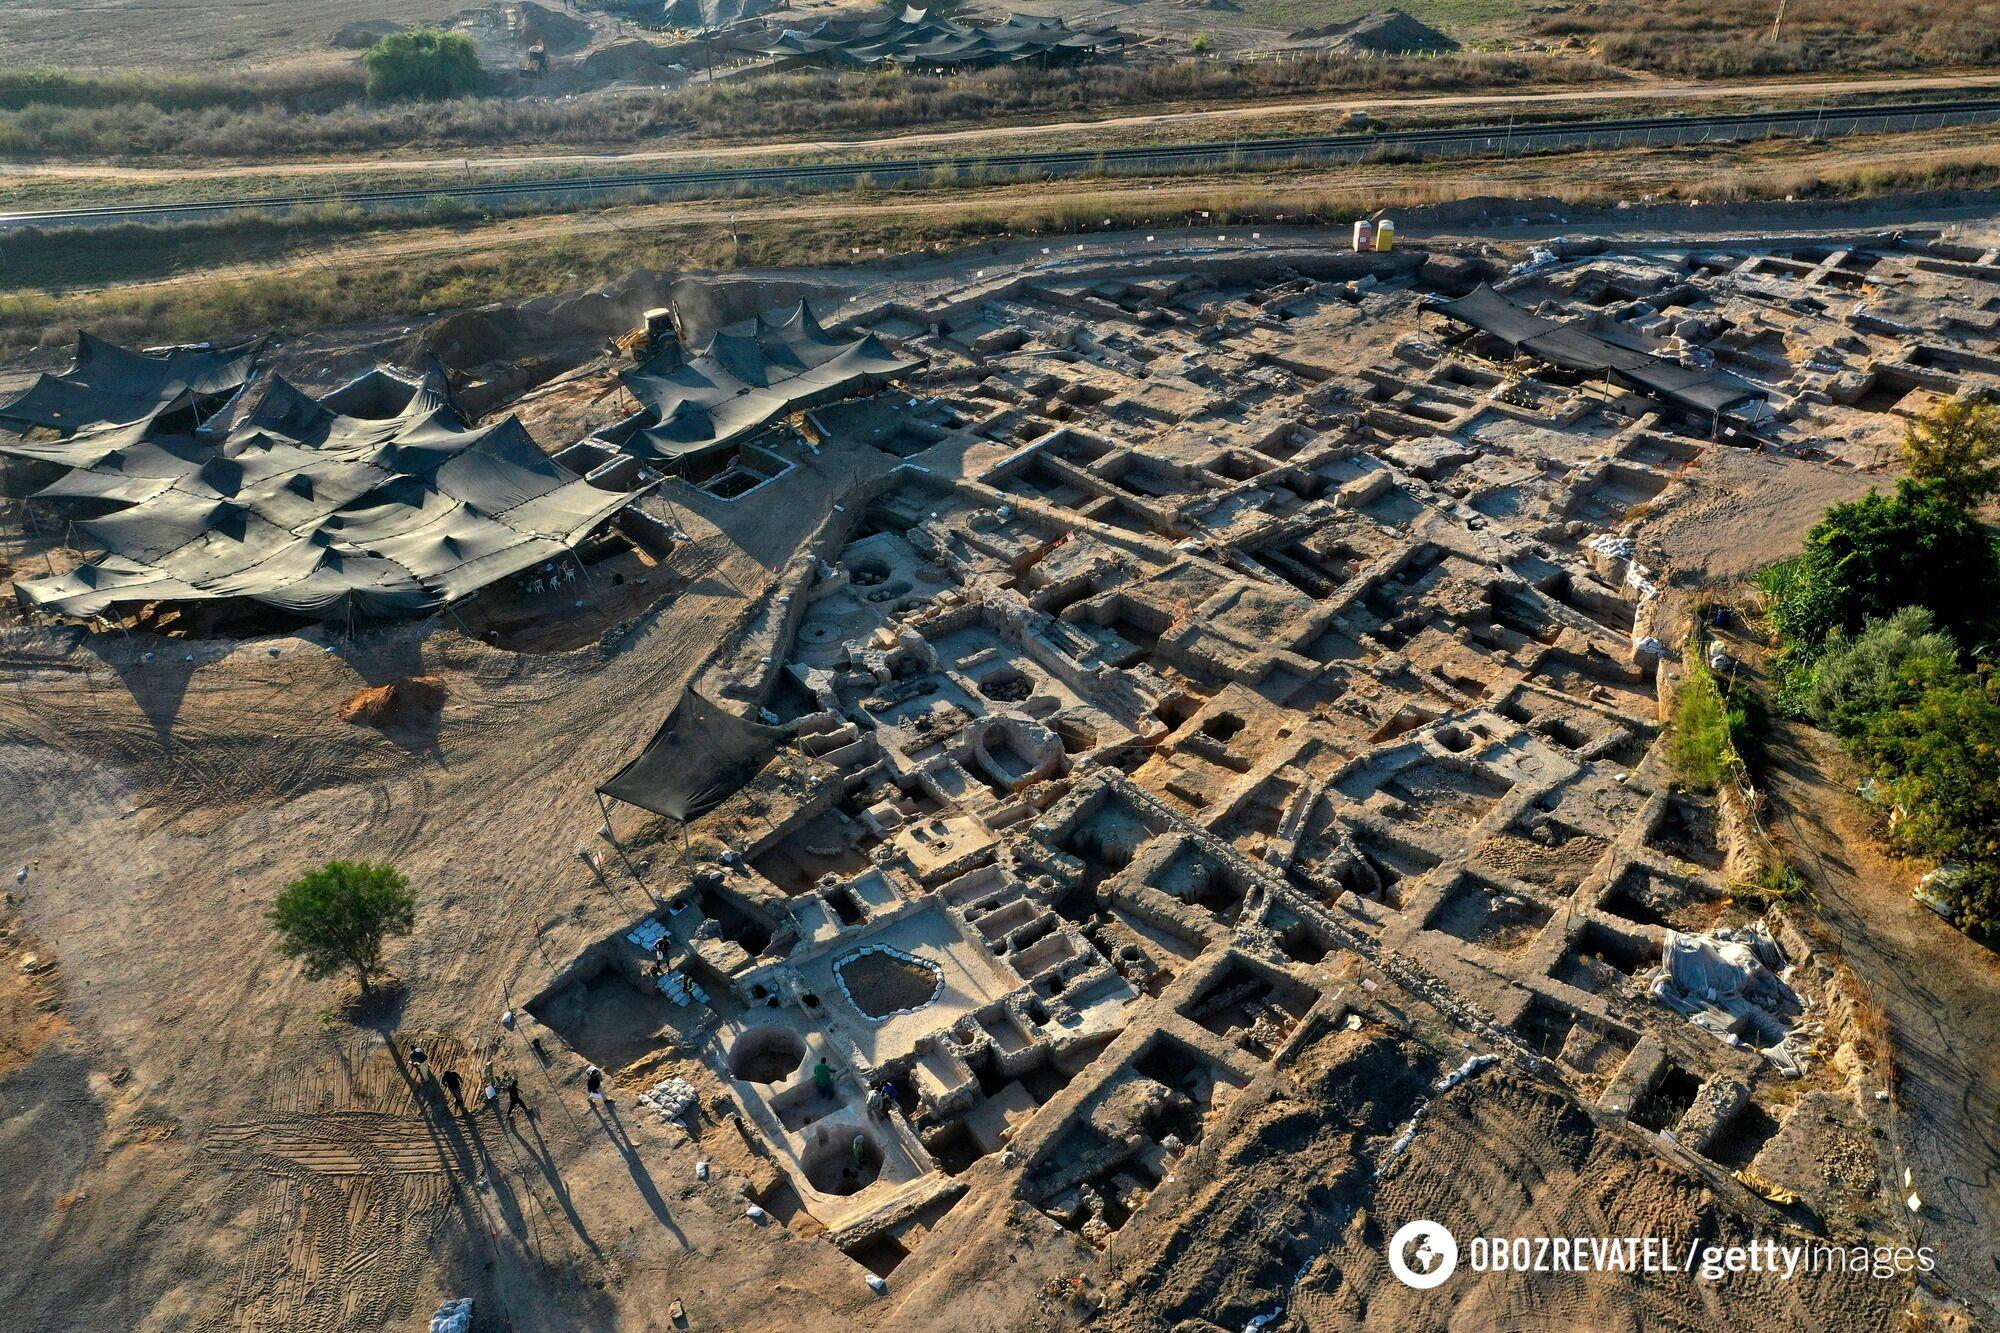 На месте раскопок нашли 5 прессов для изготовления вина, много складов, ям для брожения напитка.